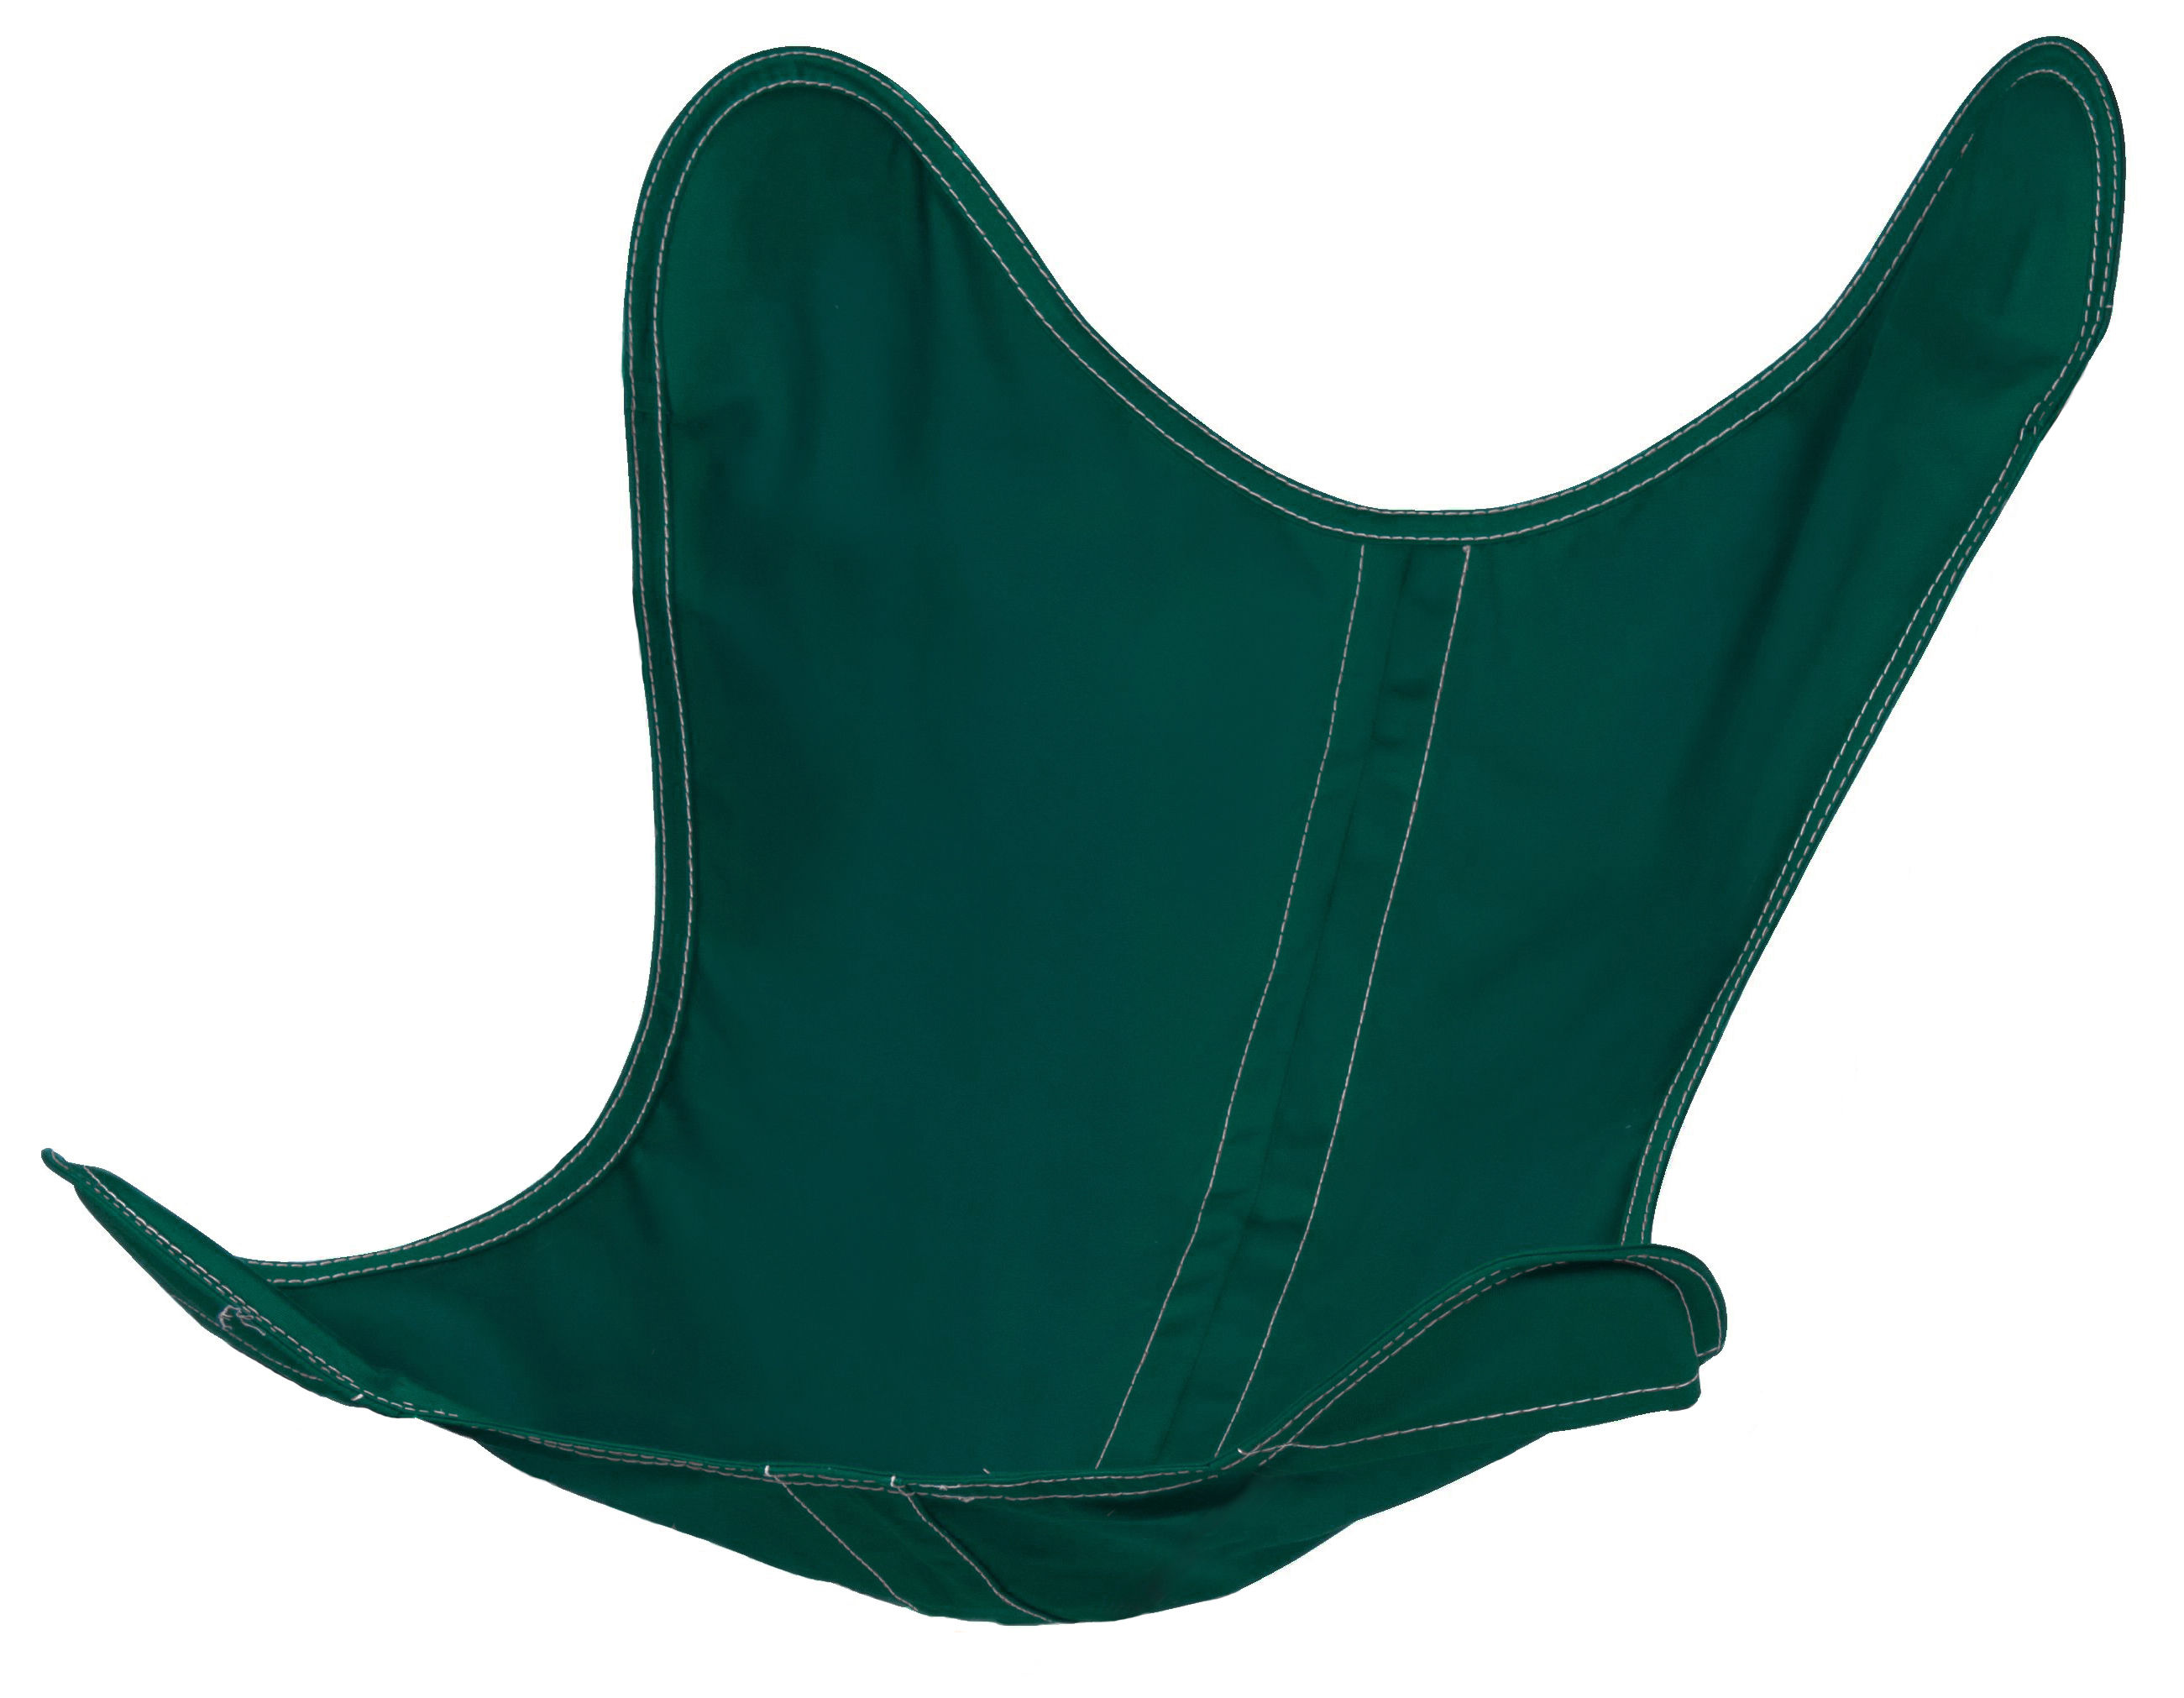 Möbel - Lounge Sessel - Hülle / für Sessel